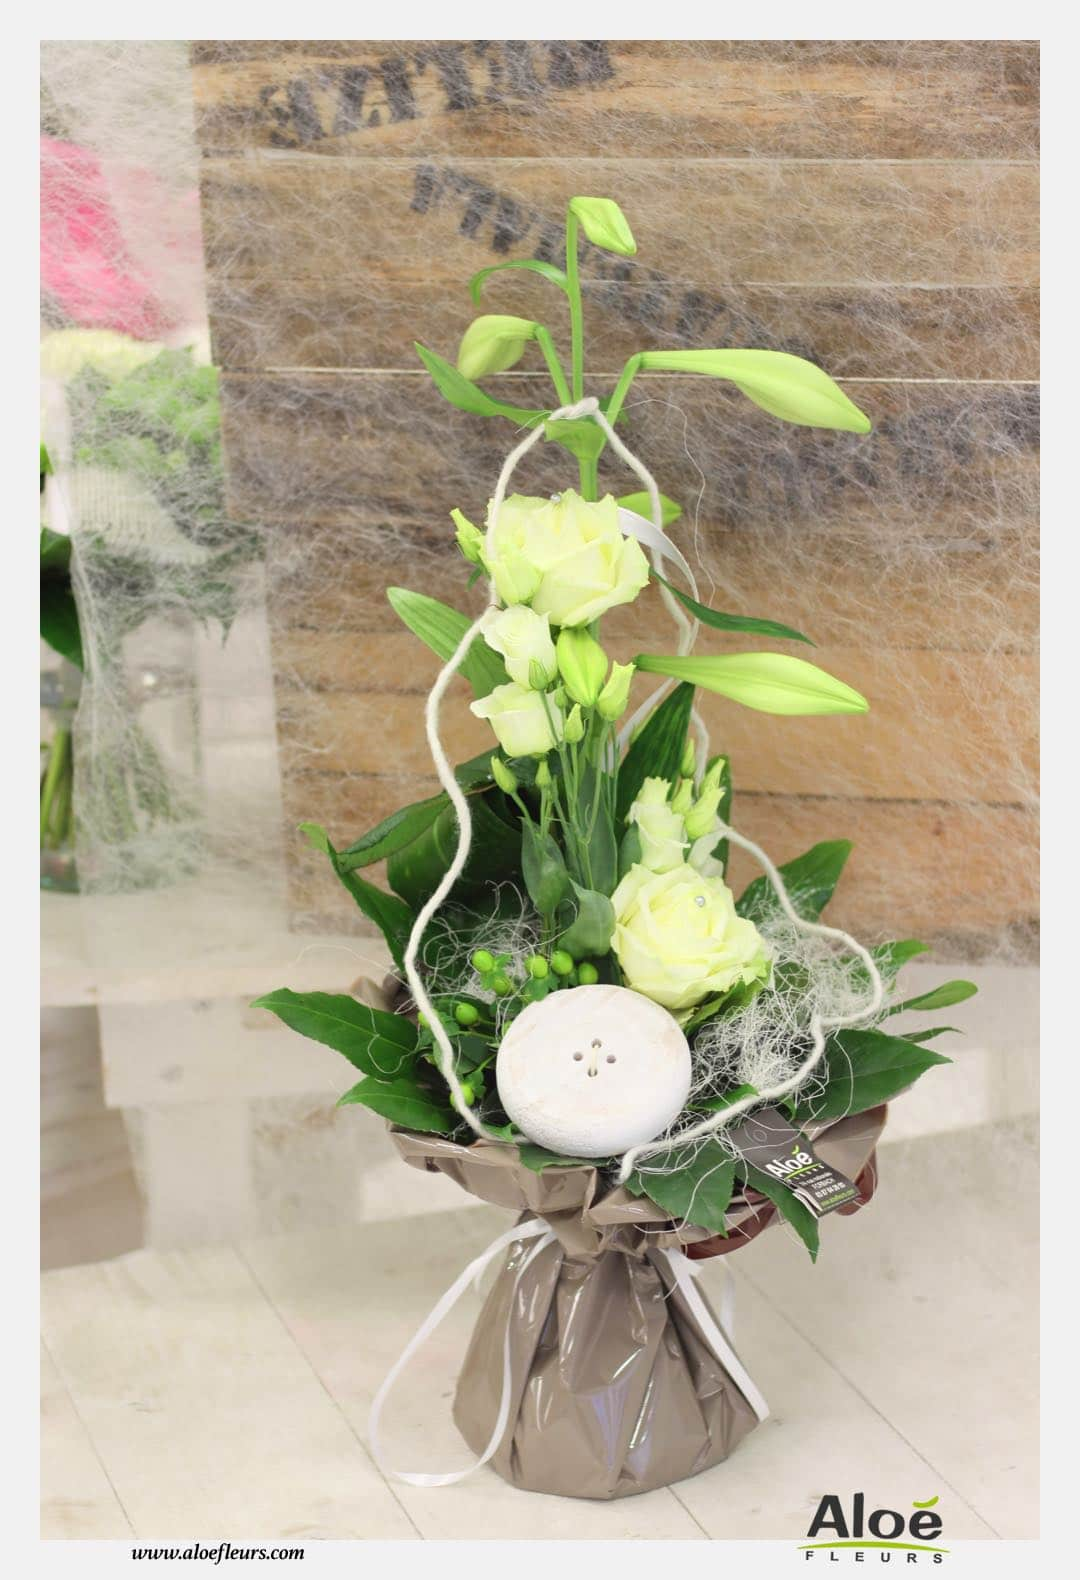 bouquet fleurs printemps 2016 6 aloe fleurs. Black Bedroom Furniture Sets. Home Design Ideas